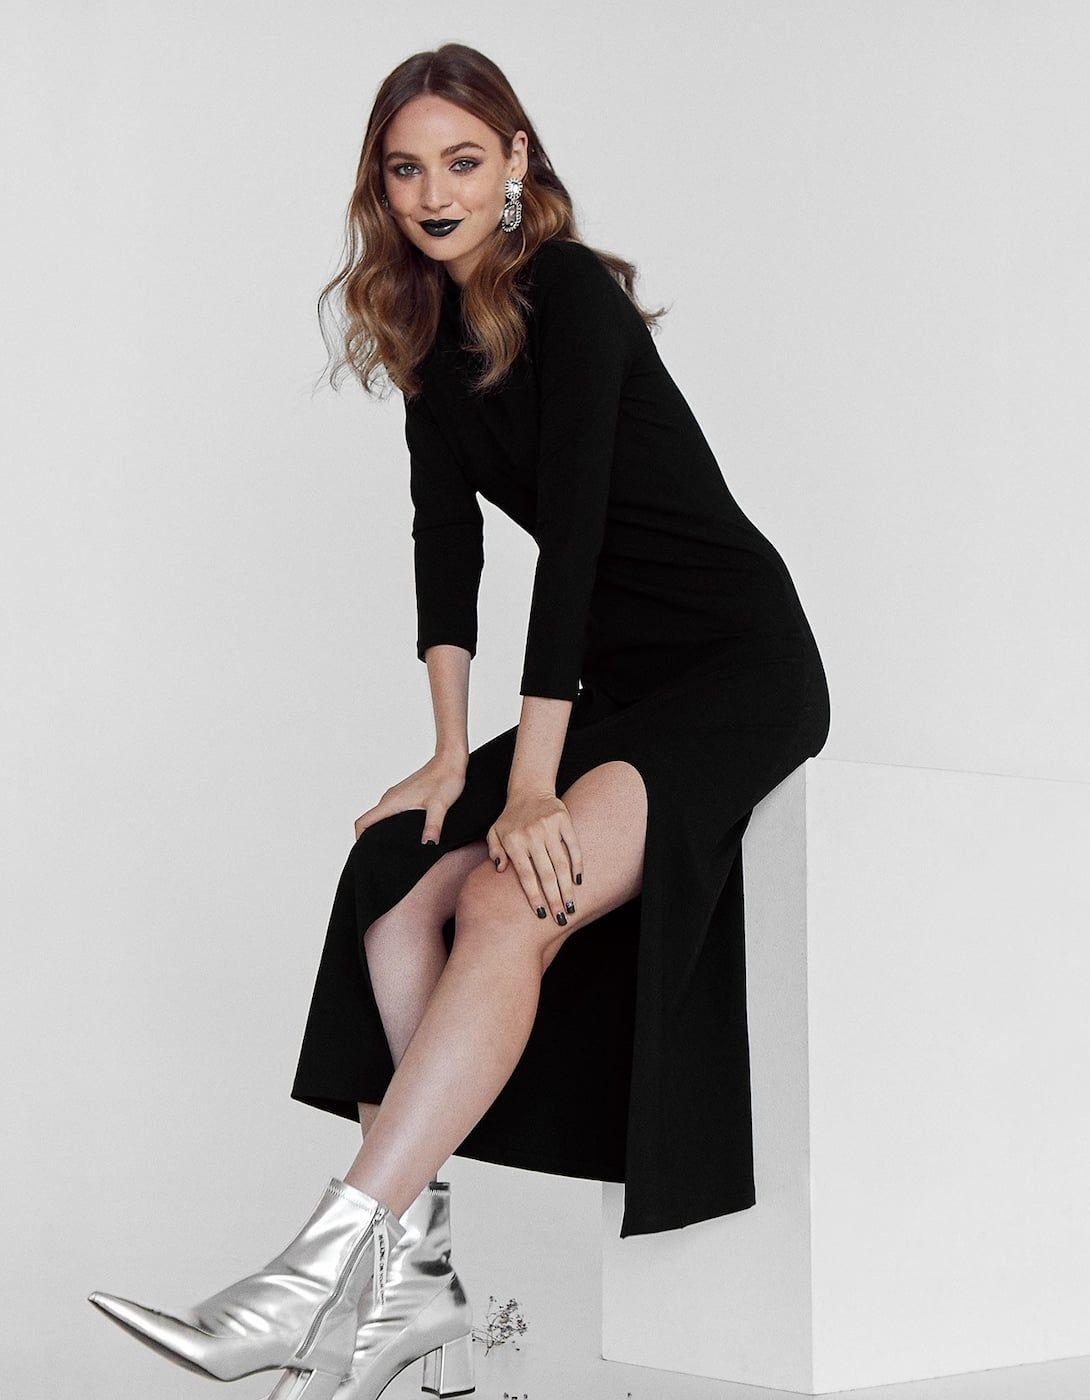 Μακρύ φόρεμα με ψηλή λαιμόκοψη - Φορεματα  9ffa800d33a